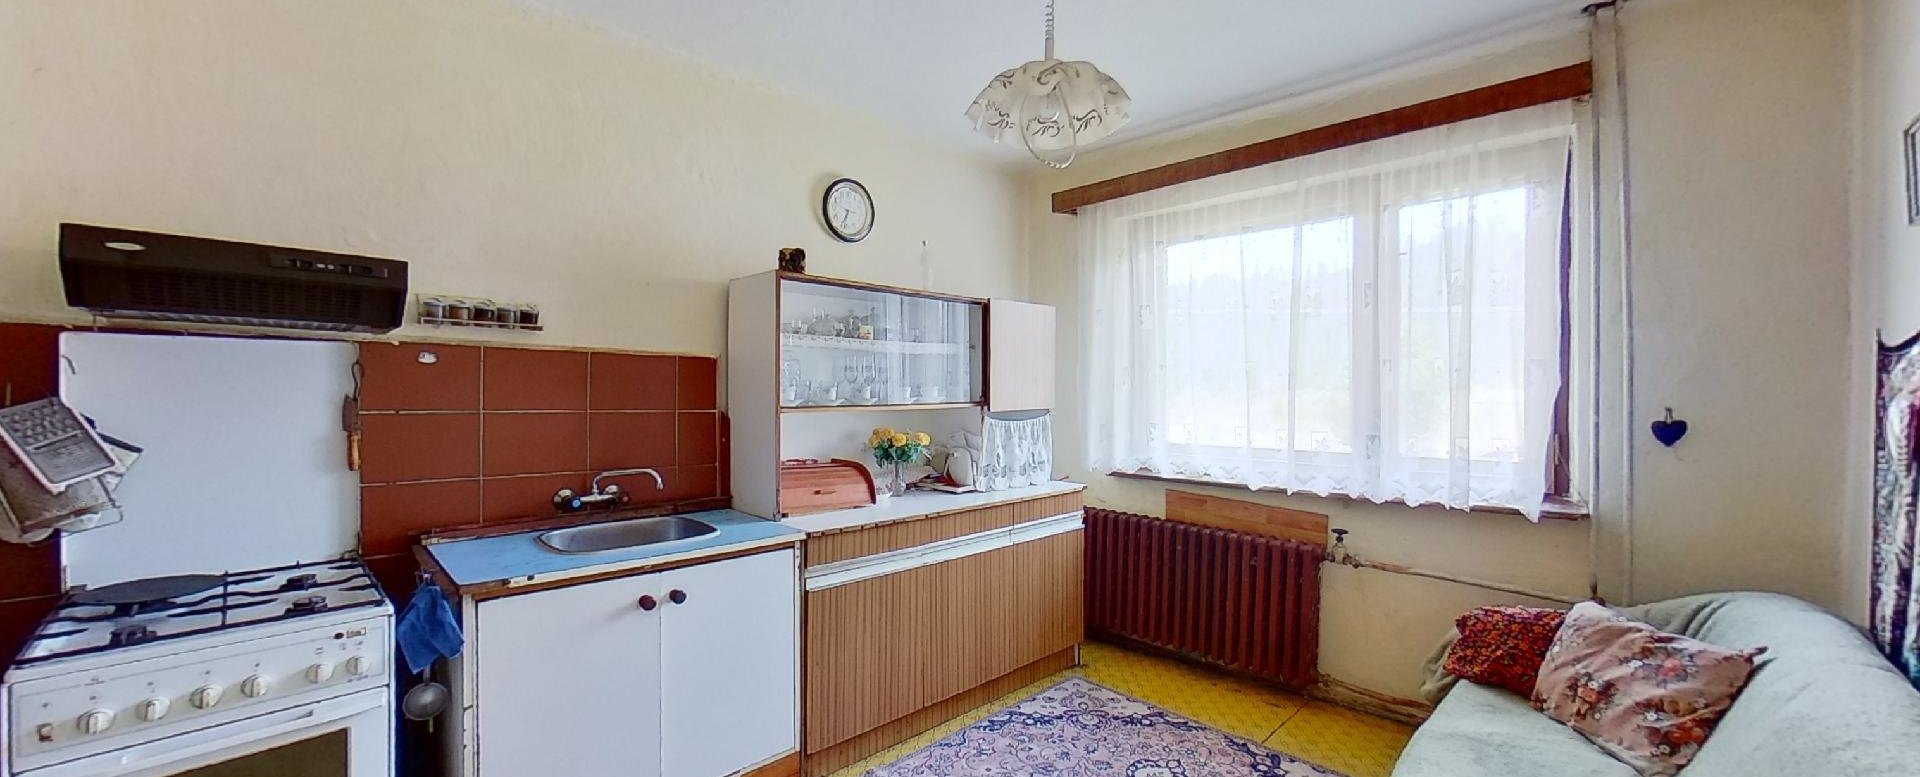 kuchyňa s kredencom a sporákom